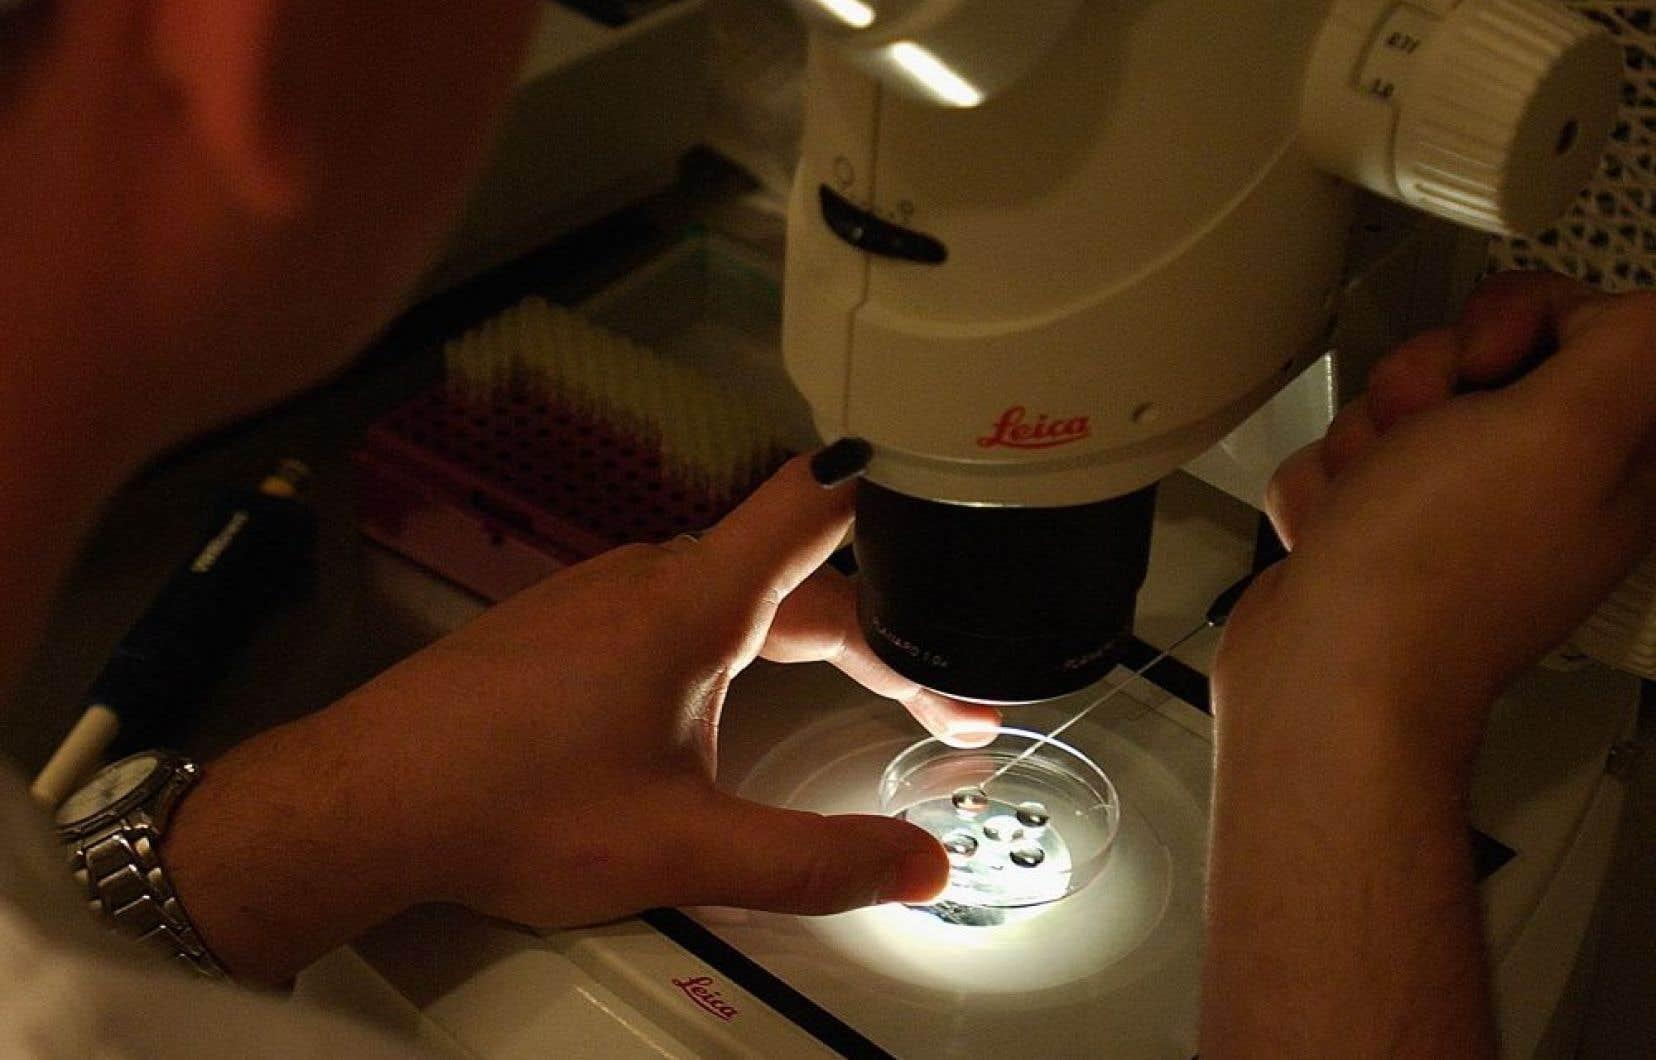 En deux ans, la fécondation in vitro (FIV) a engendré un surplus de 6,2 millions au CUSM.